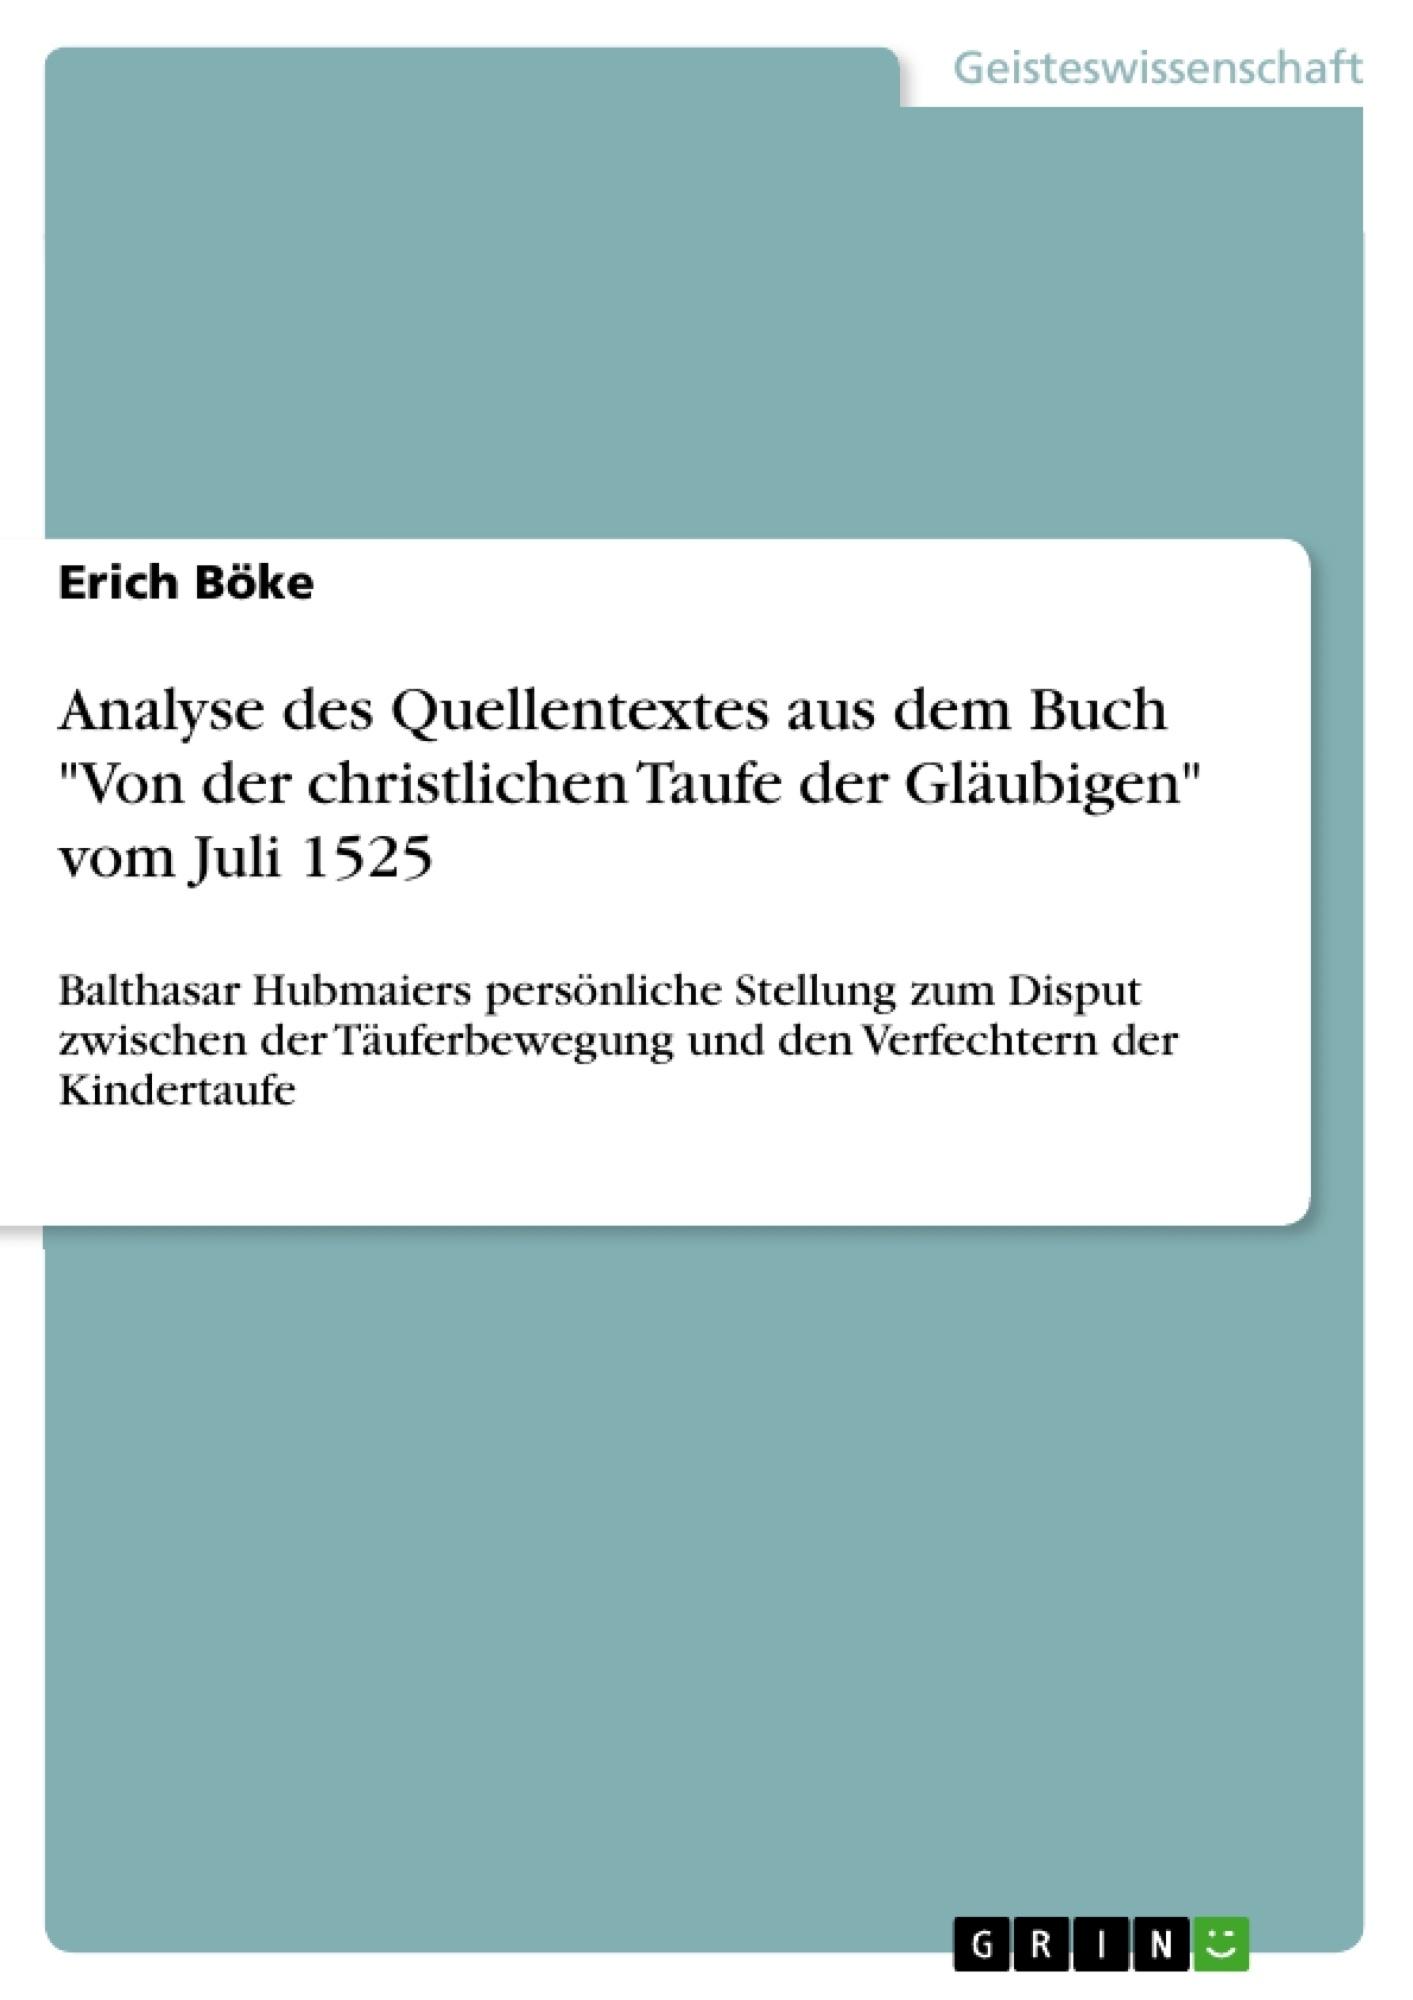 """Titel: Analyse des Quellentextes aus dem Buch """"Von der christlichen Taufe der Gläubigen"""" vom Juli 1525"""